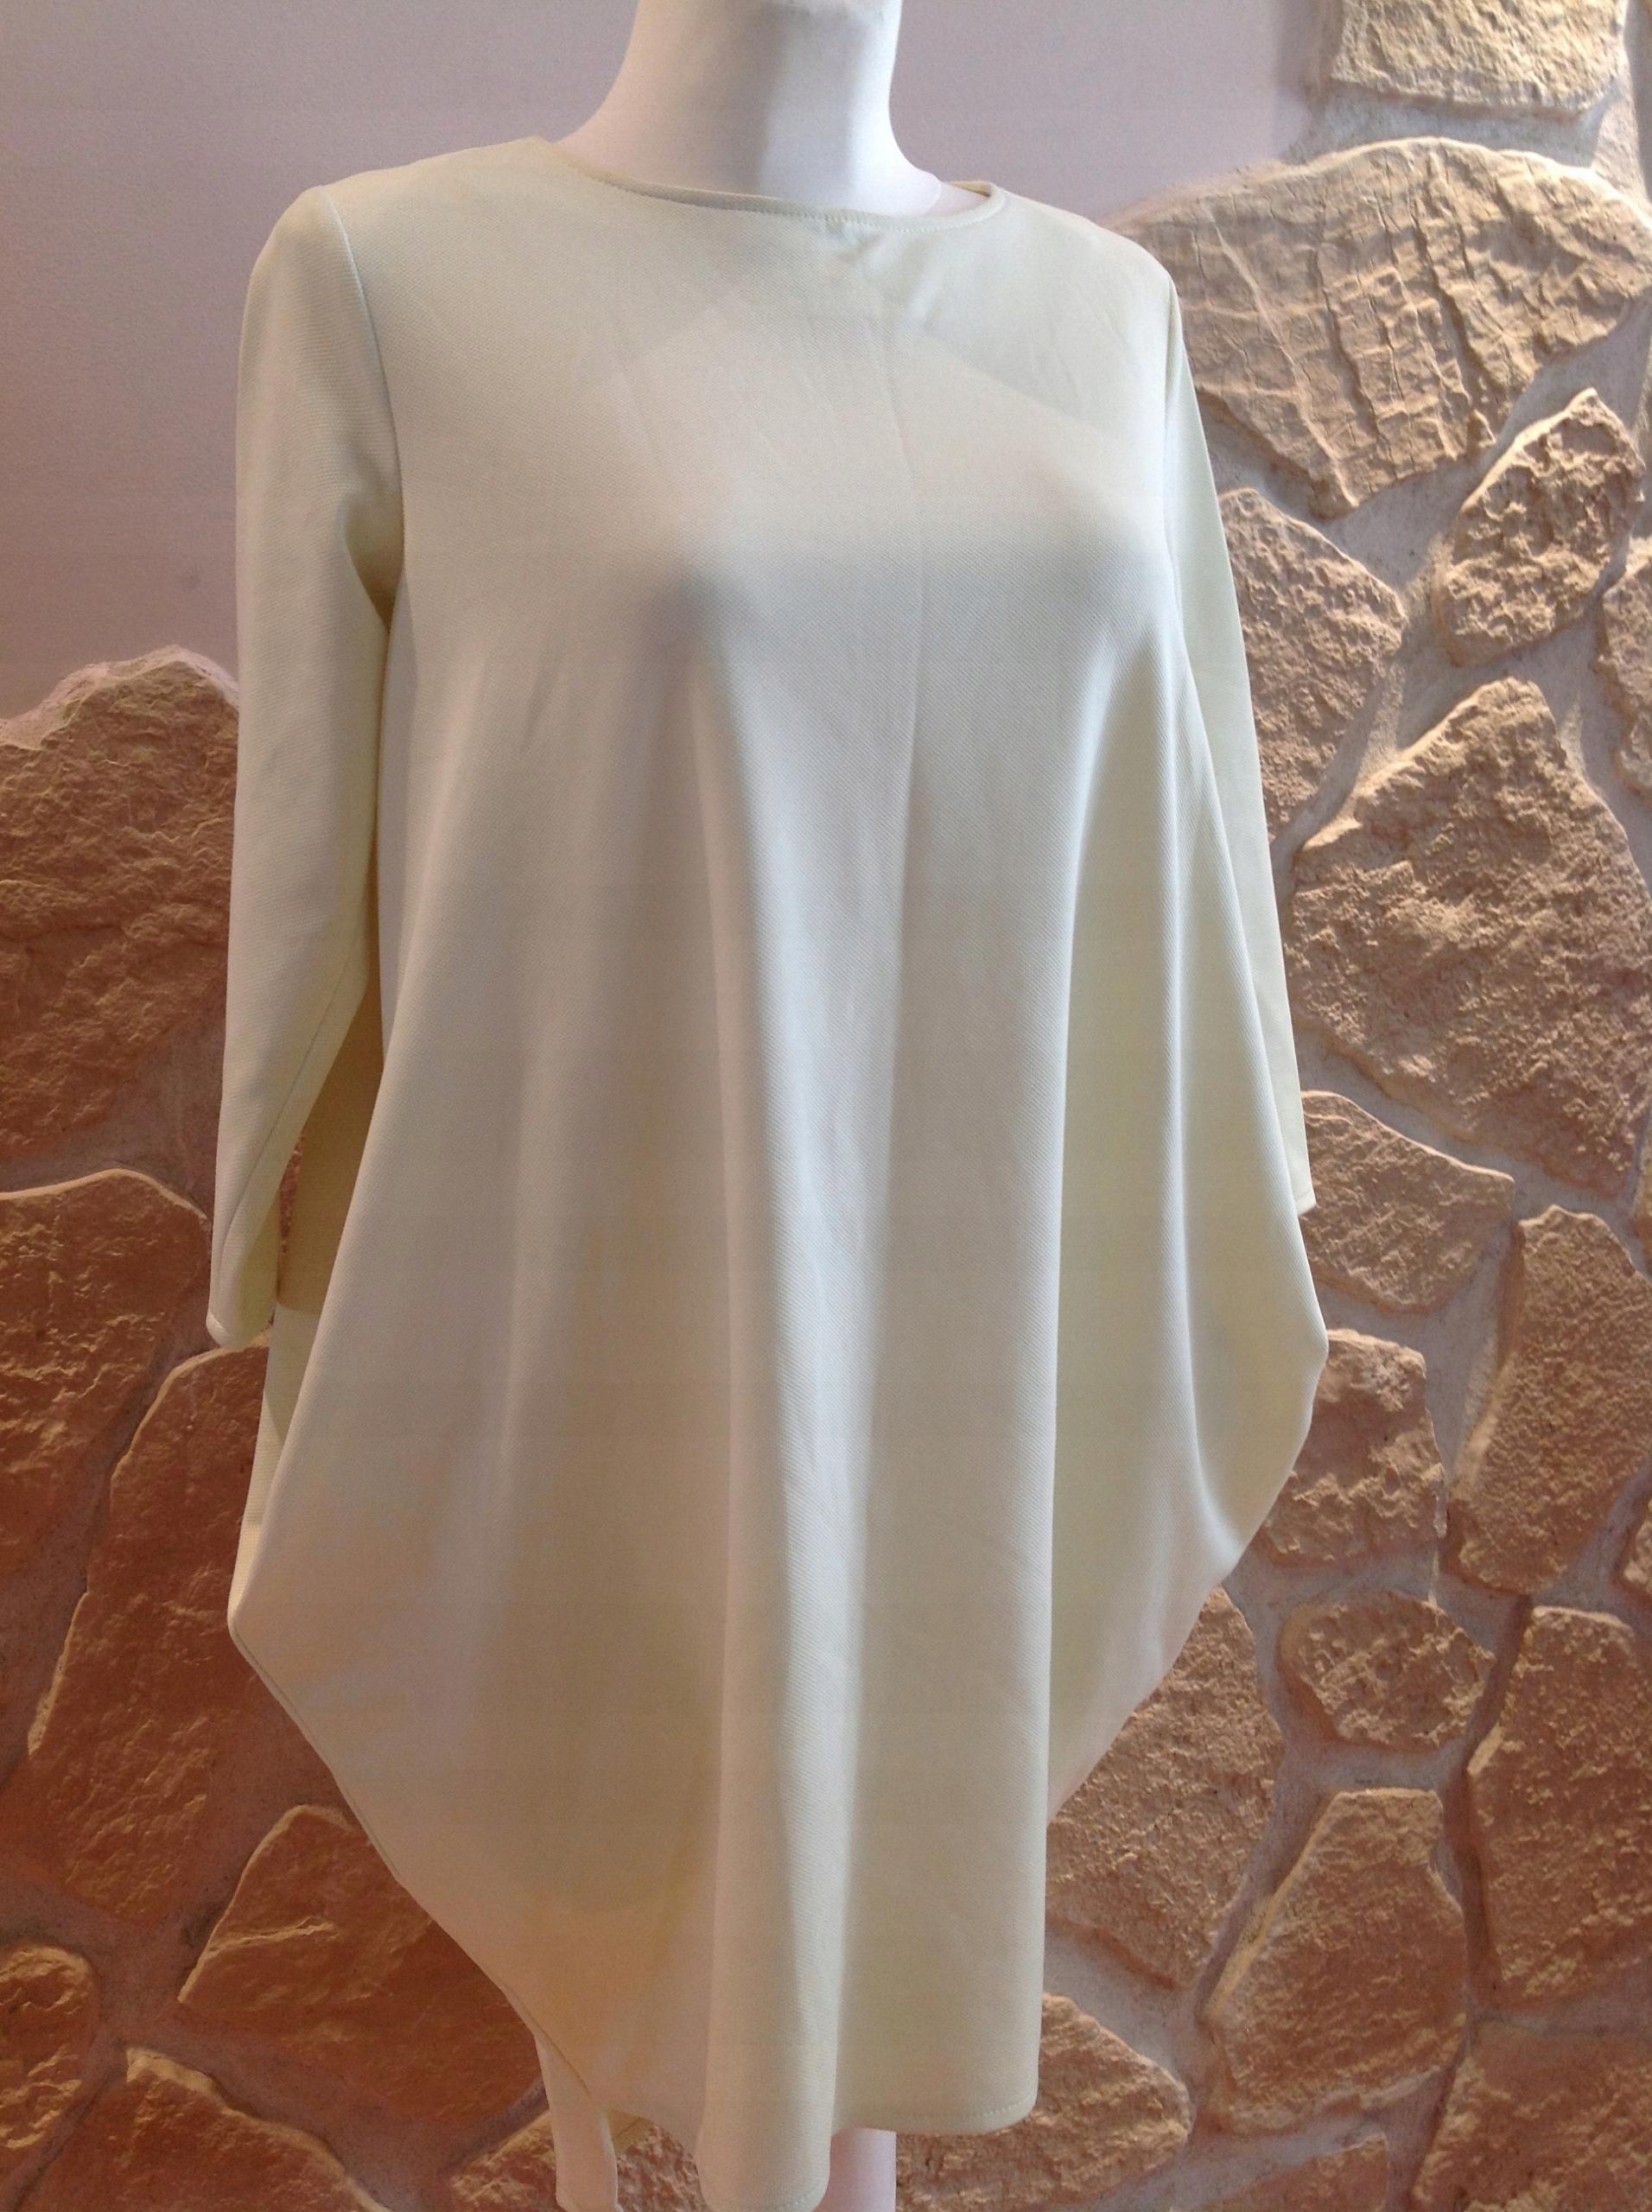 b009de42a3 Sukienka jak La Mania dluzszy tylu 38 40 j.nowa - 7526388395 ...